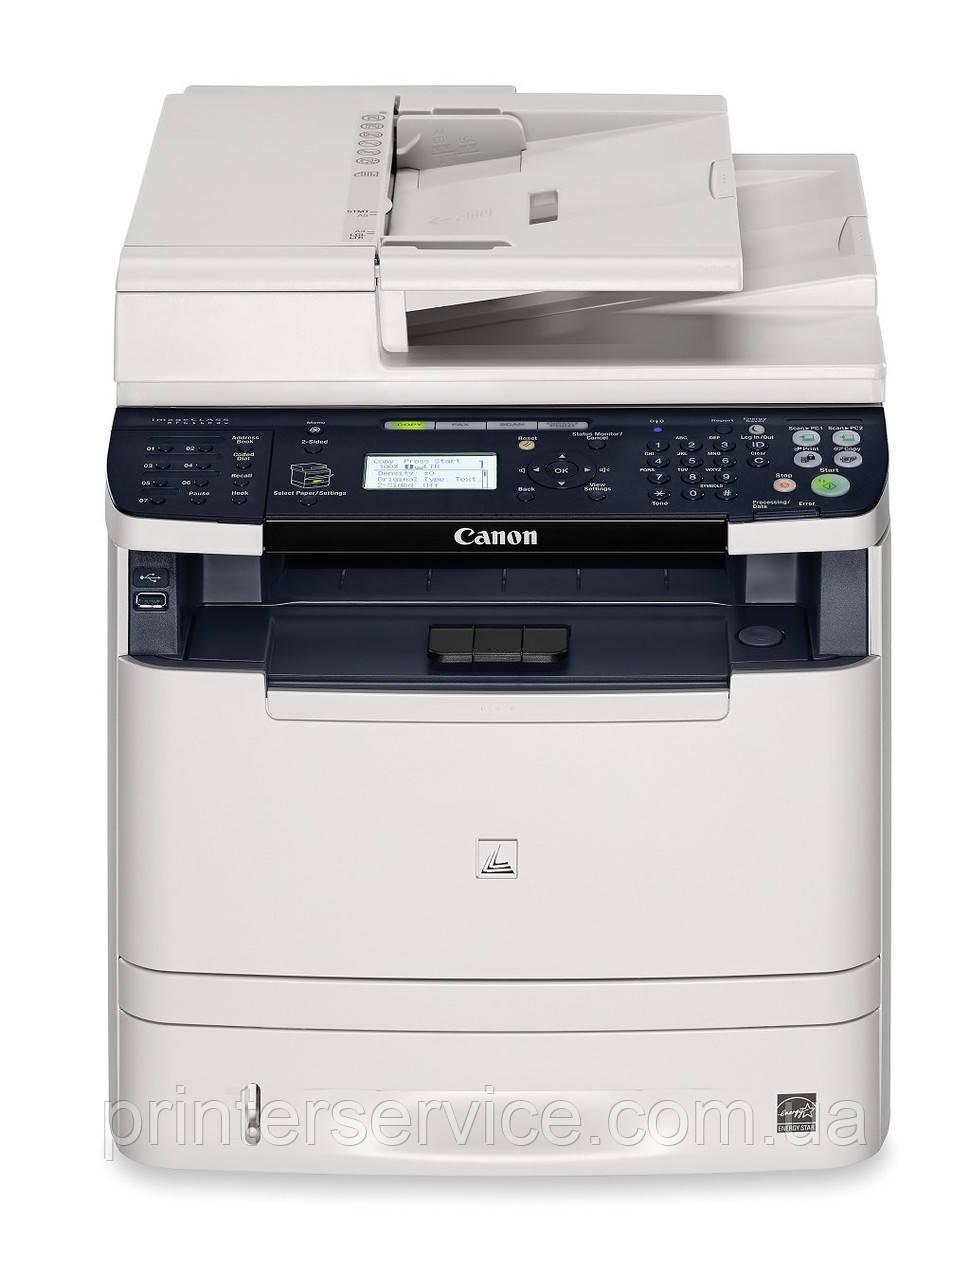 Черно-белоемфу 4 в 1 Canon i-sensys MF6180dw  с Wi-Fi